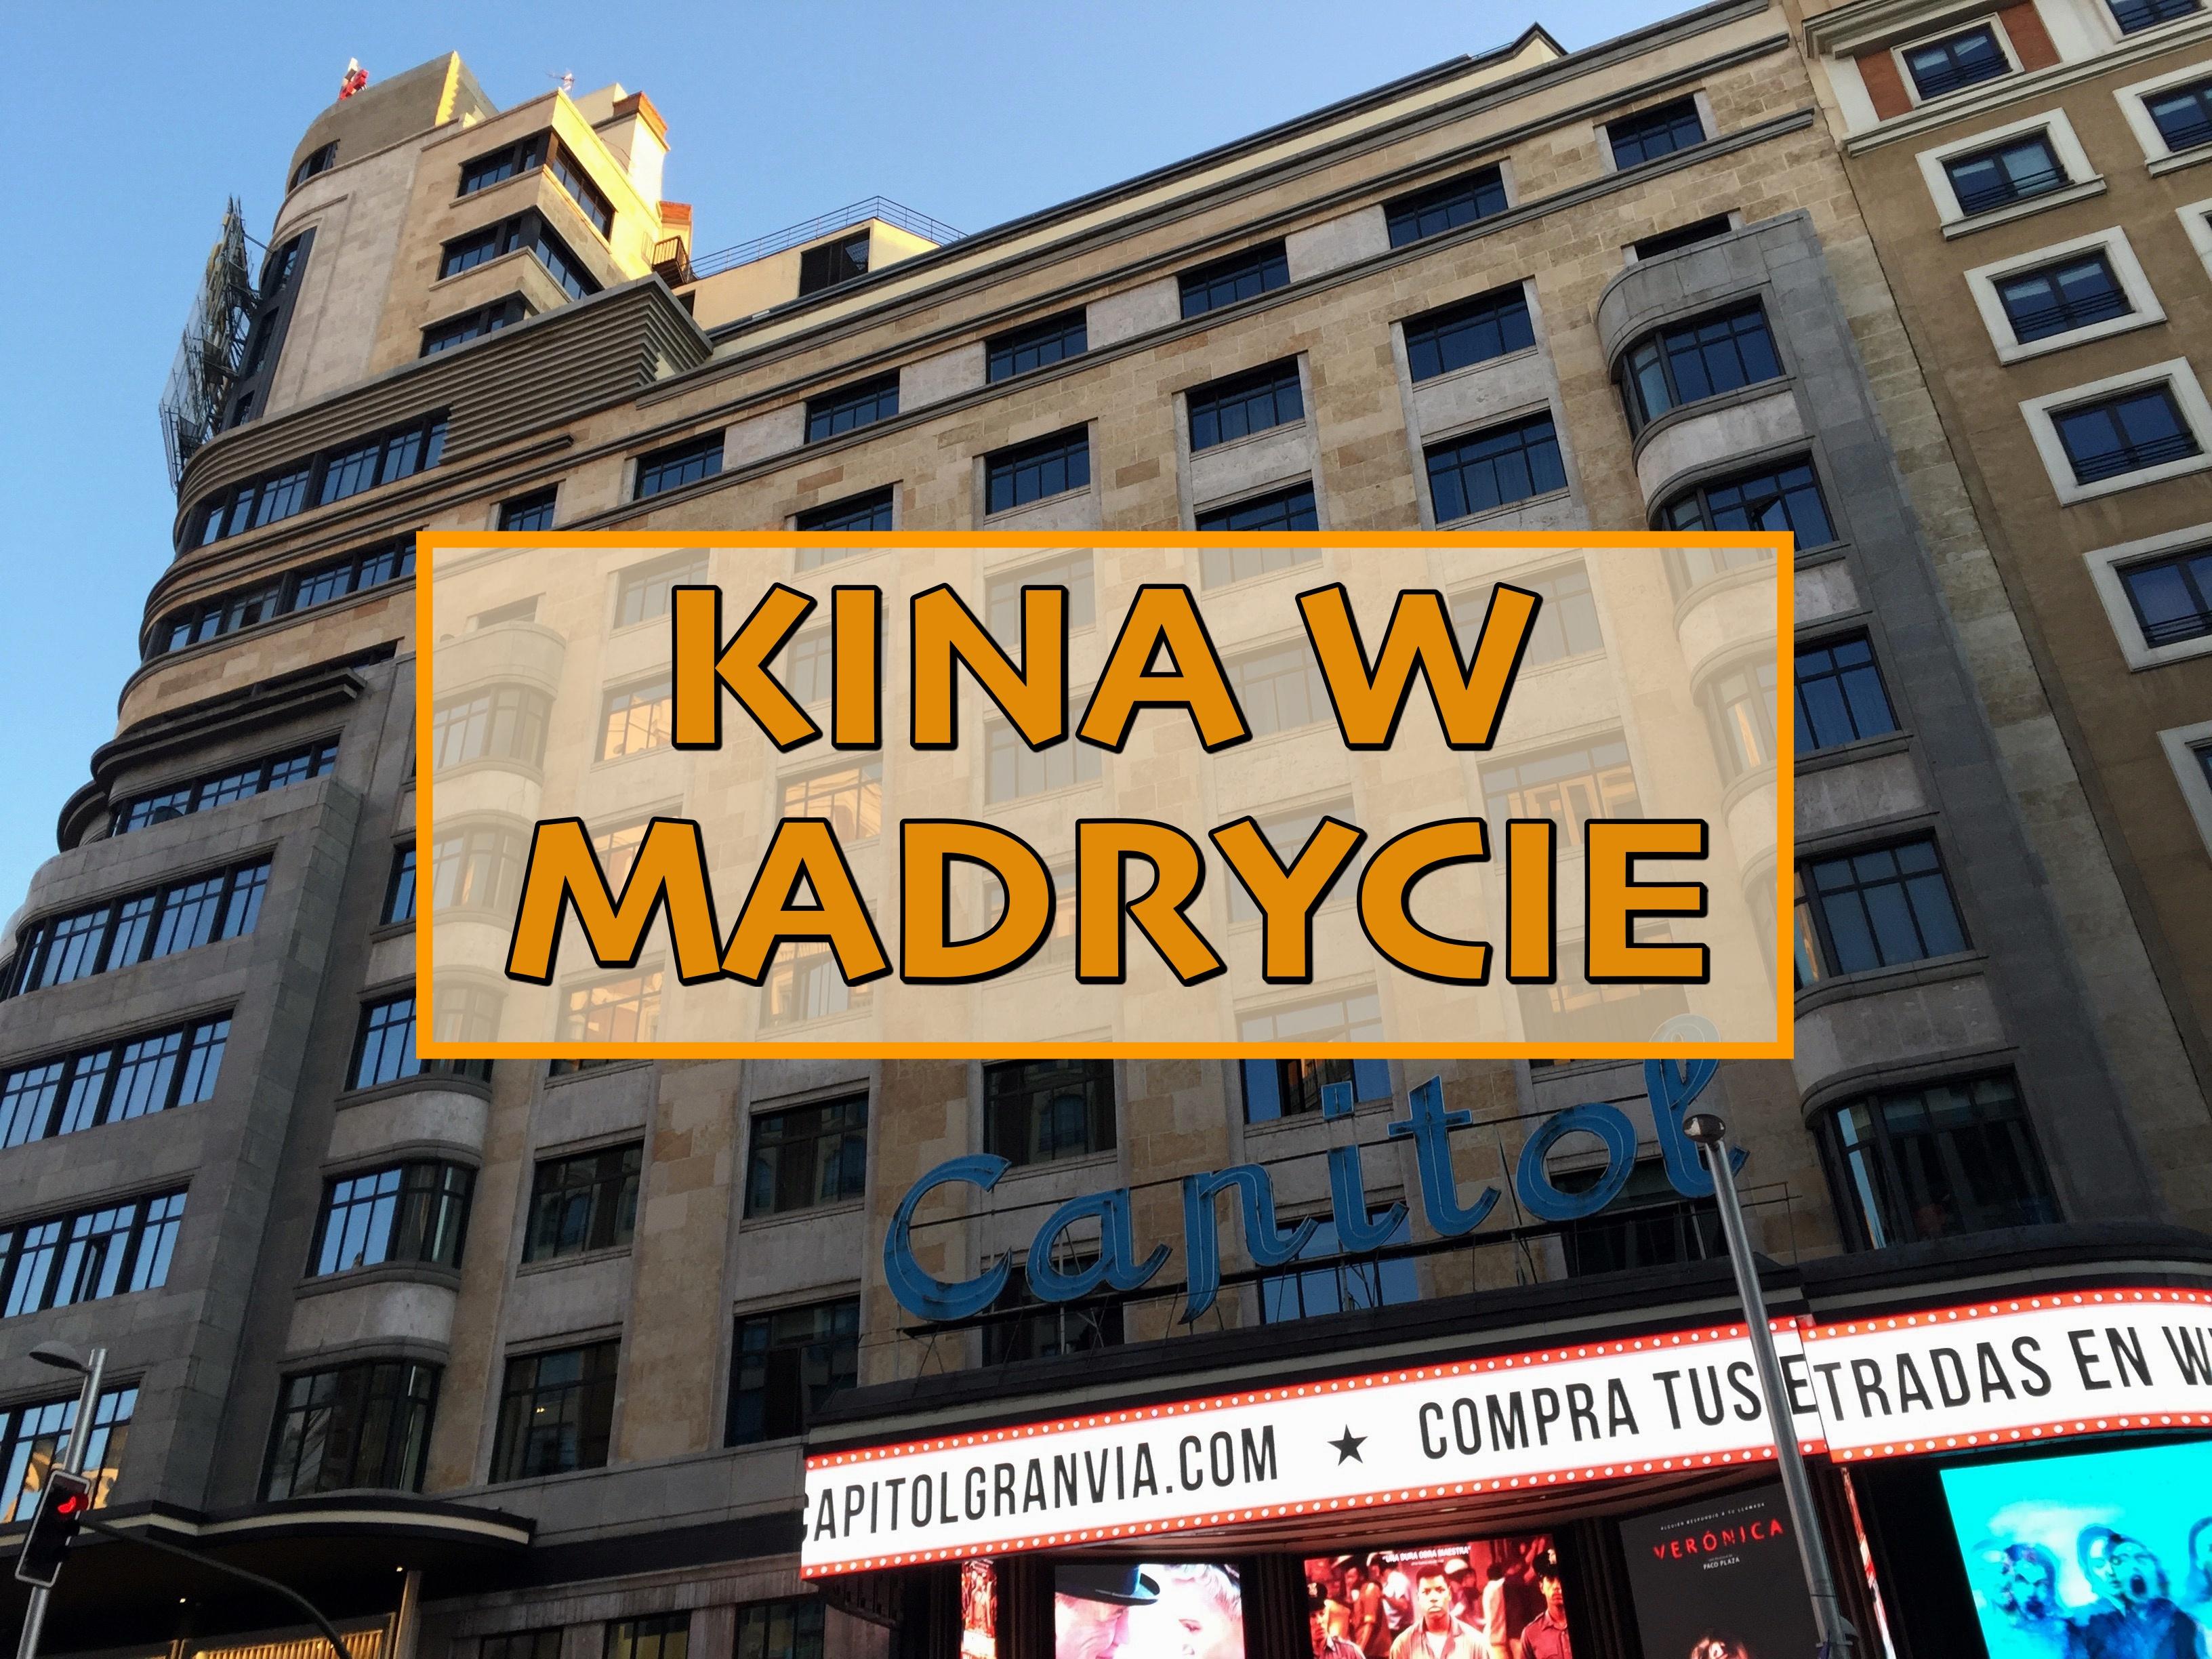 Kina w Madrycie